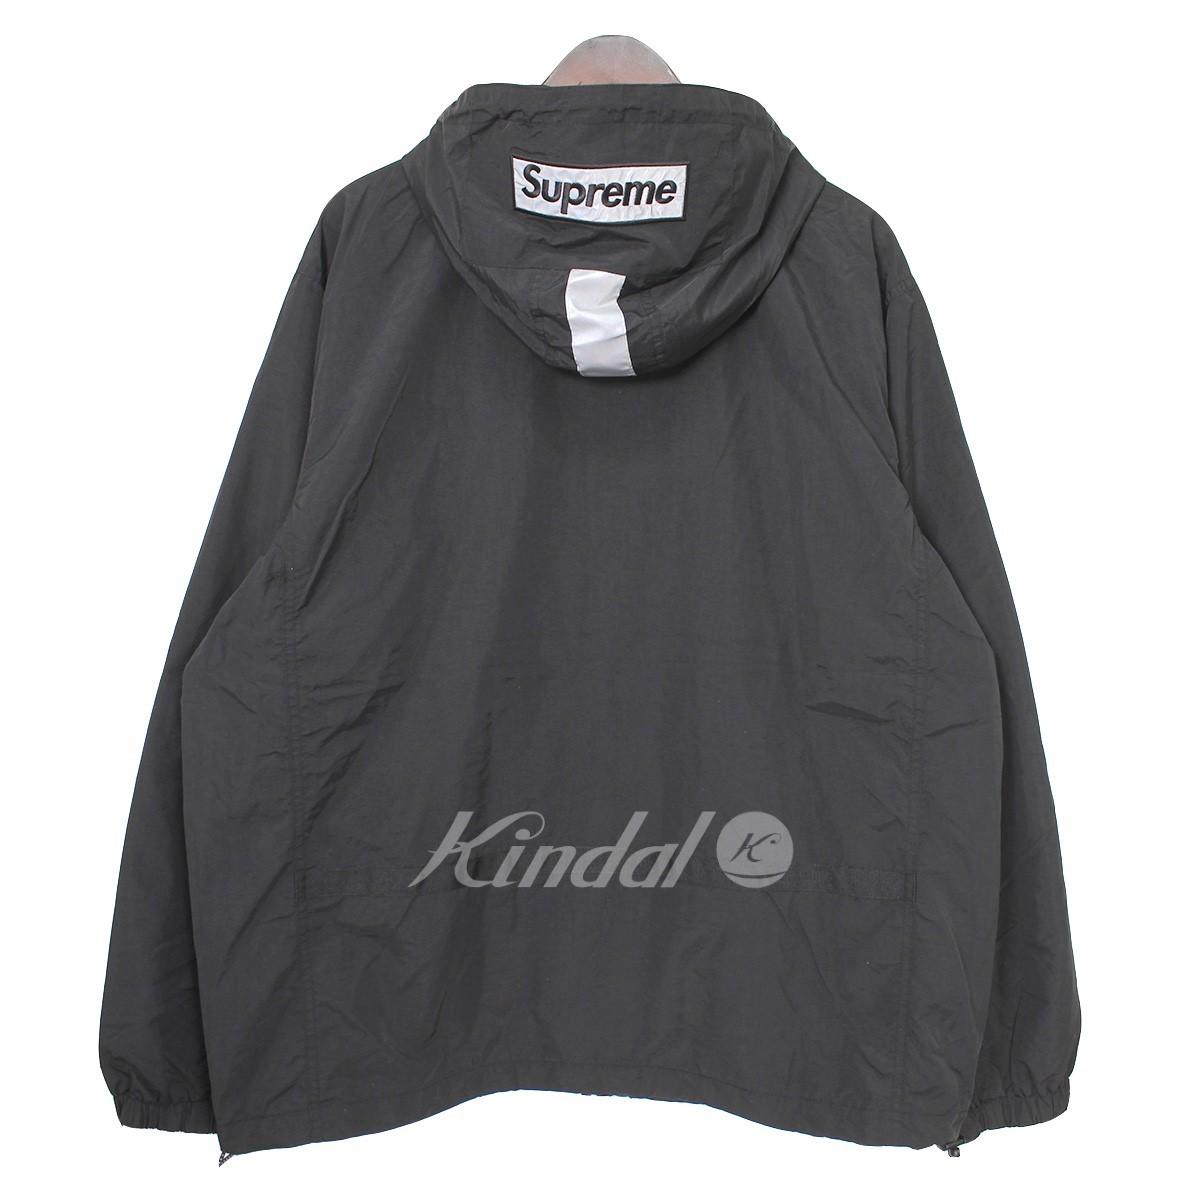 【中古】SUPREME 18AW 2-Tone Zip Up Jacket フードロゴジップアップジャケット 【送料無料】 【007886】 【KIND1550】